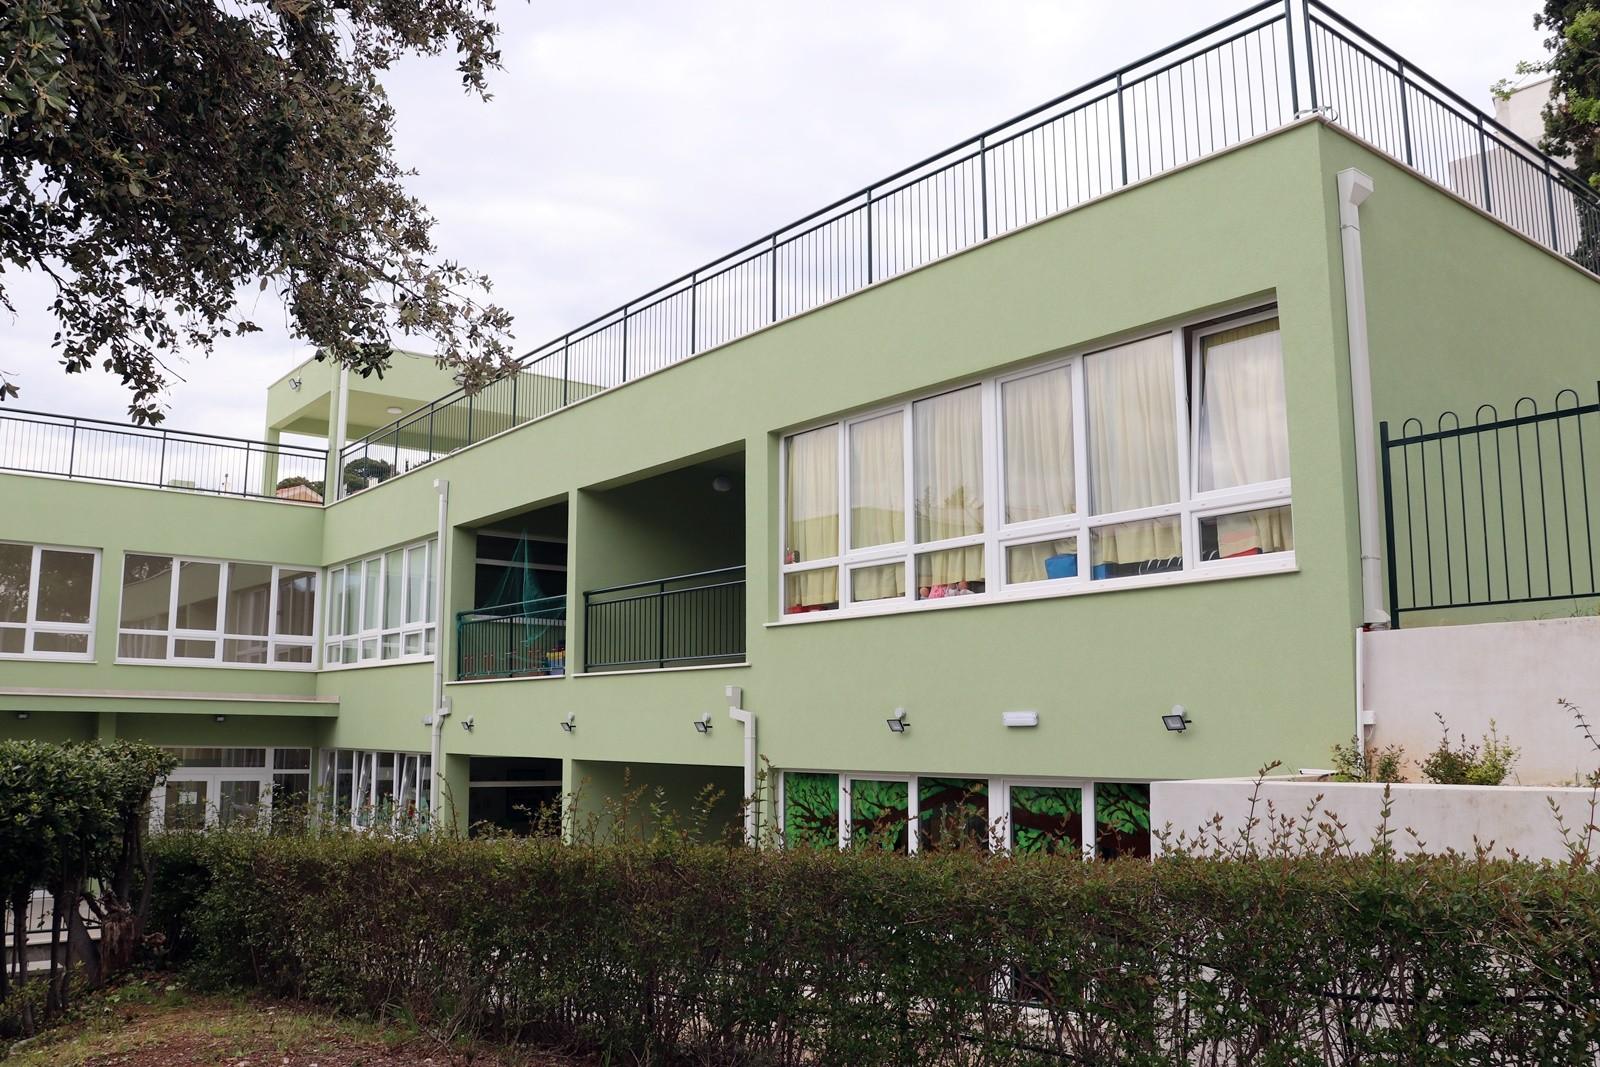 Od ponedjeljka redovan rad vrtića, upisi za novu pedagošku godinu od 4. lipnja